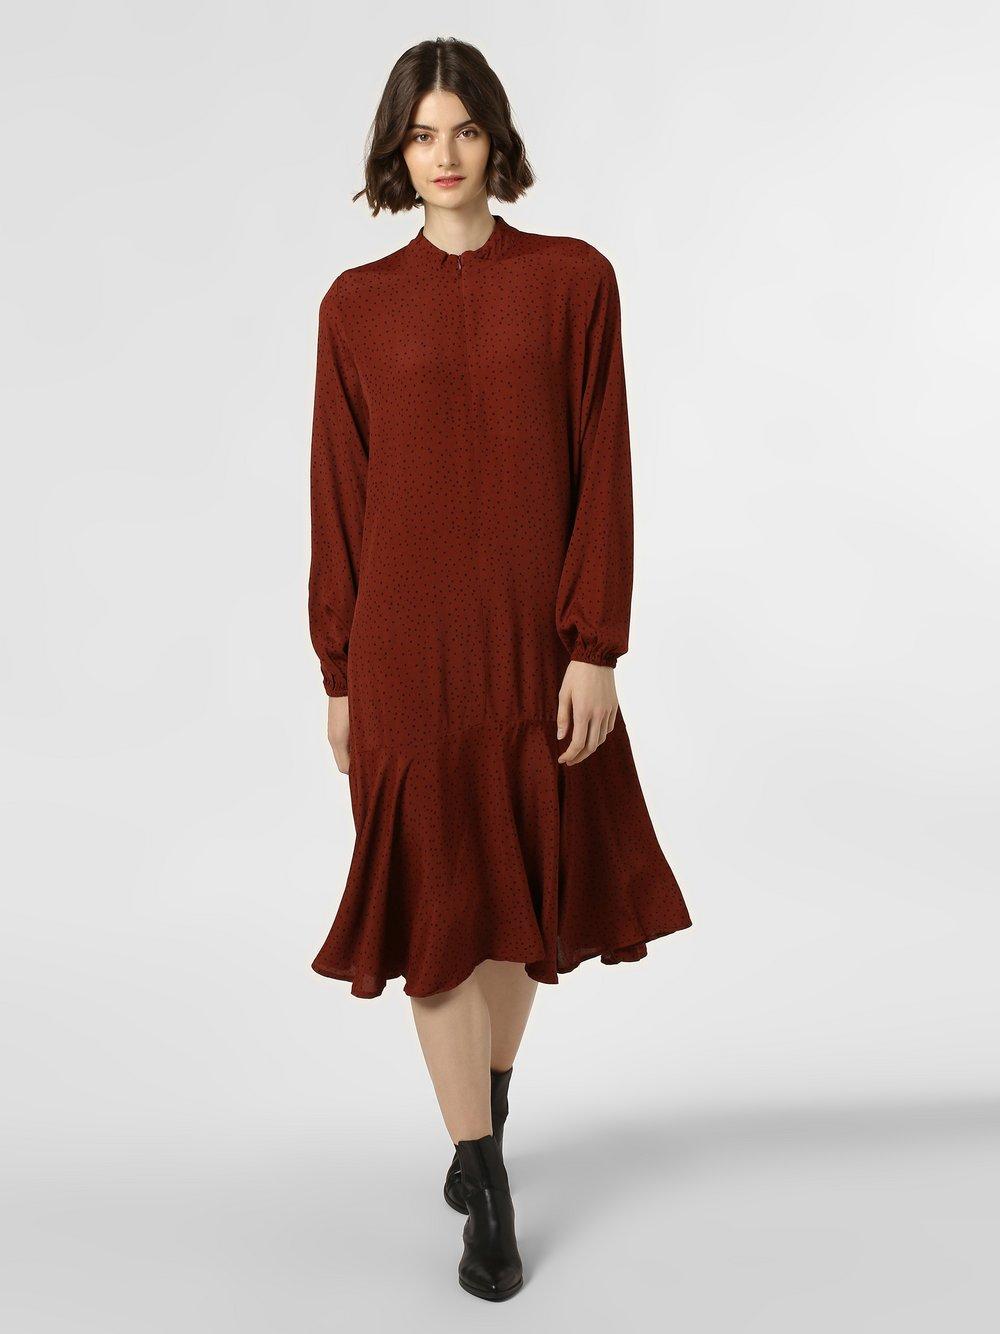 Minimum – Sukienka damska – Mandala, czarny Van Graaf 456334-0001-00380